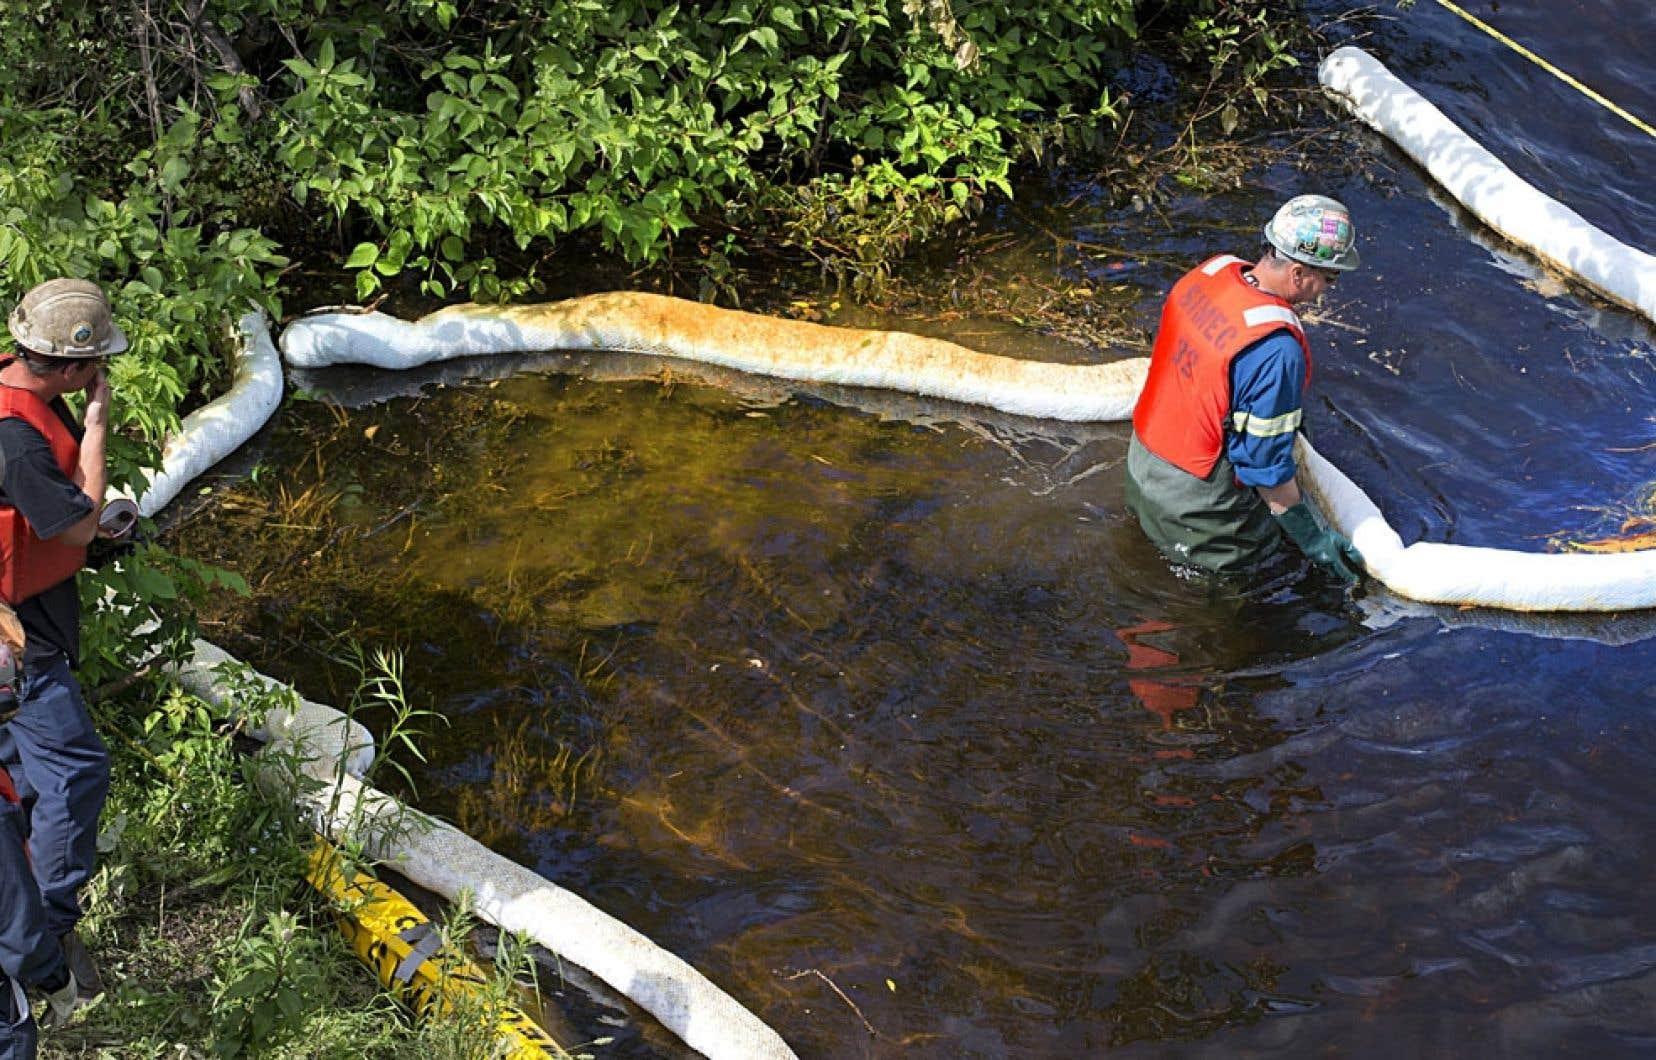 Travaux de nettoyage à la rivière Chaudière, à Lac-Mégantic. « Il est hors de question que ce soit les contribuables québécois qui paient », dit le ministre de l'Environnement, Yves-François Blanchet.